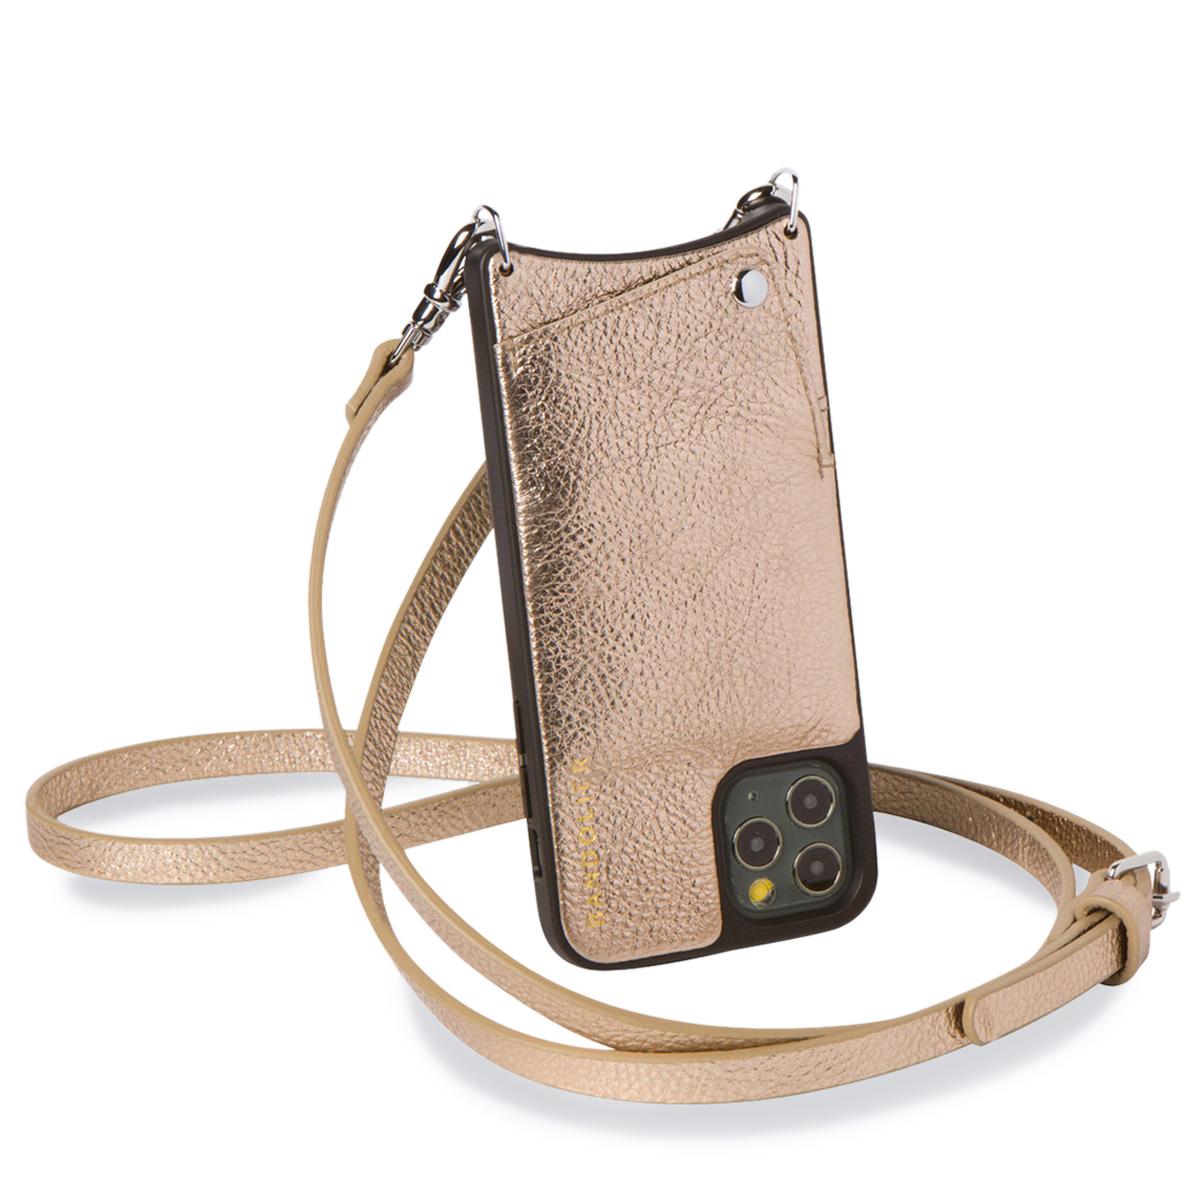 BANDOLIER EMMA CHAMPAGNE GOLD バンドリヤー iPhoneXS X ケース スマホ 携帯 ショルダー アイフォン エマ メンズ レディース レザー ゴールド 10EMM